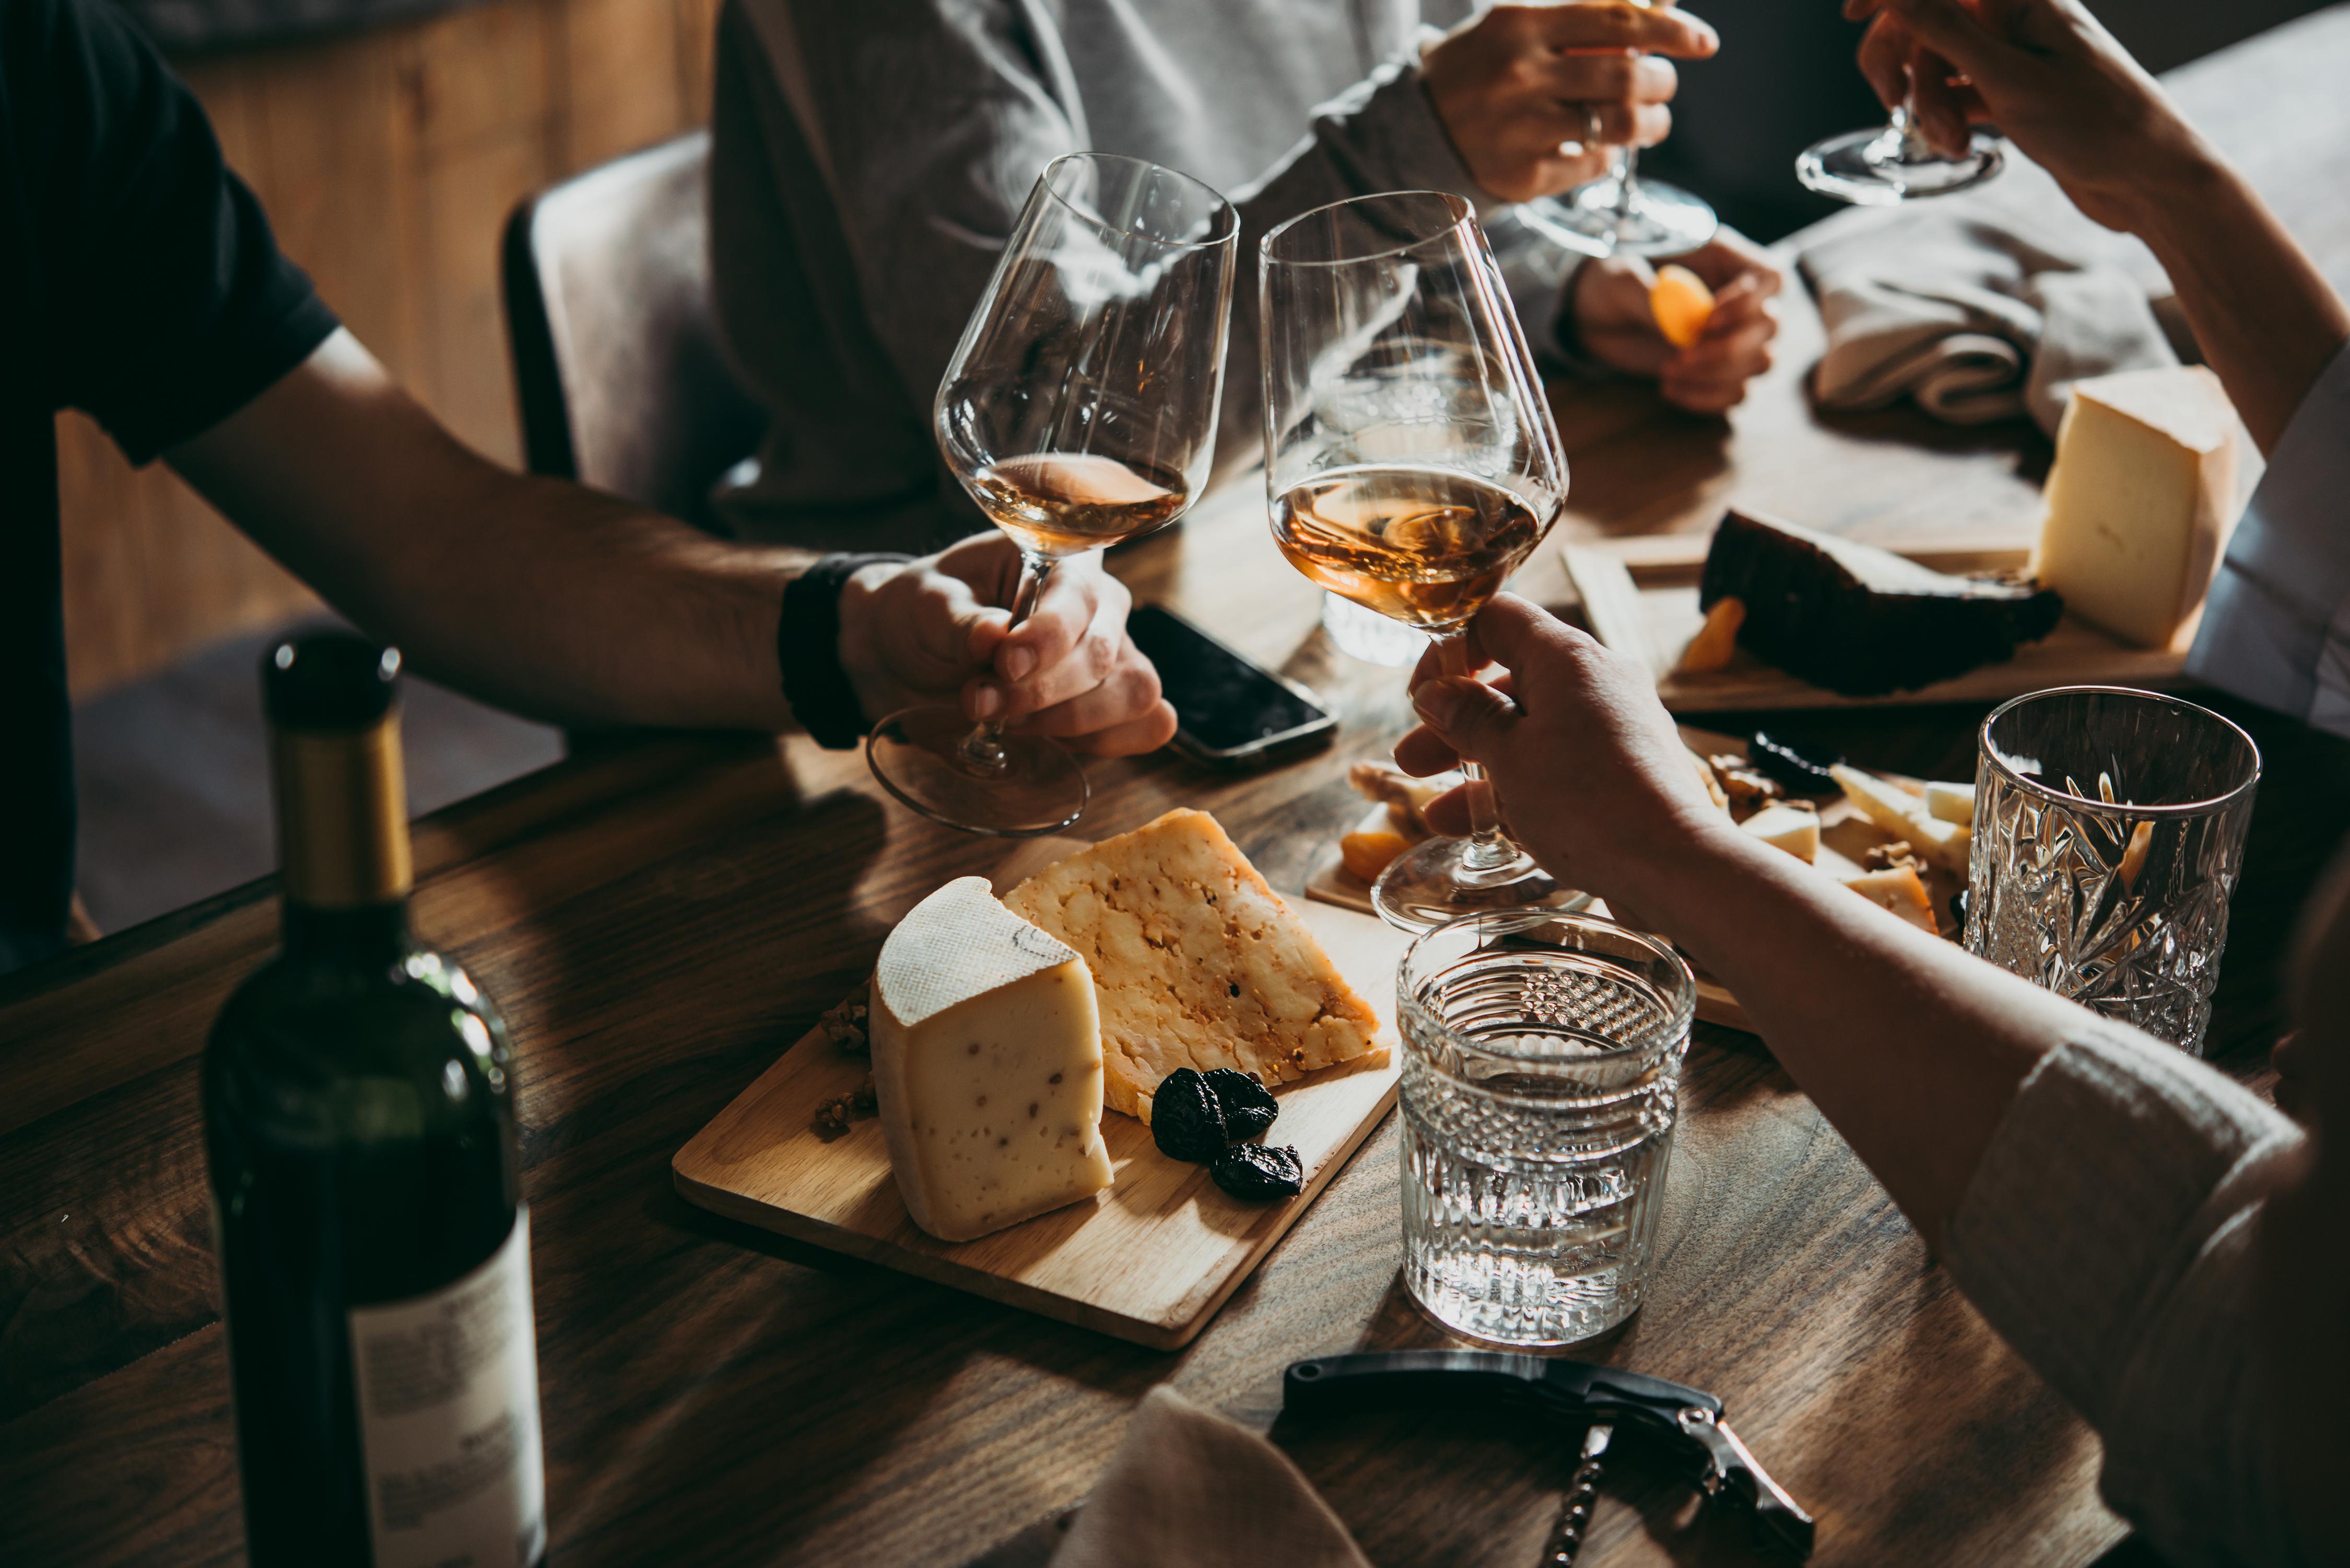 כך תתכננו כמויות אלכוהול לאירוע מצומצם או אירוח של חברים בבית